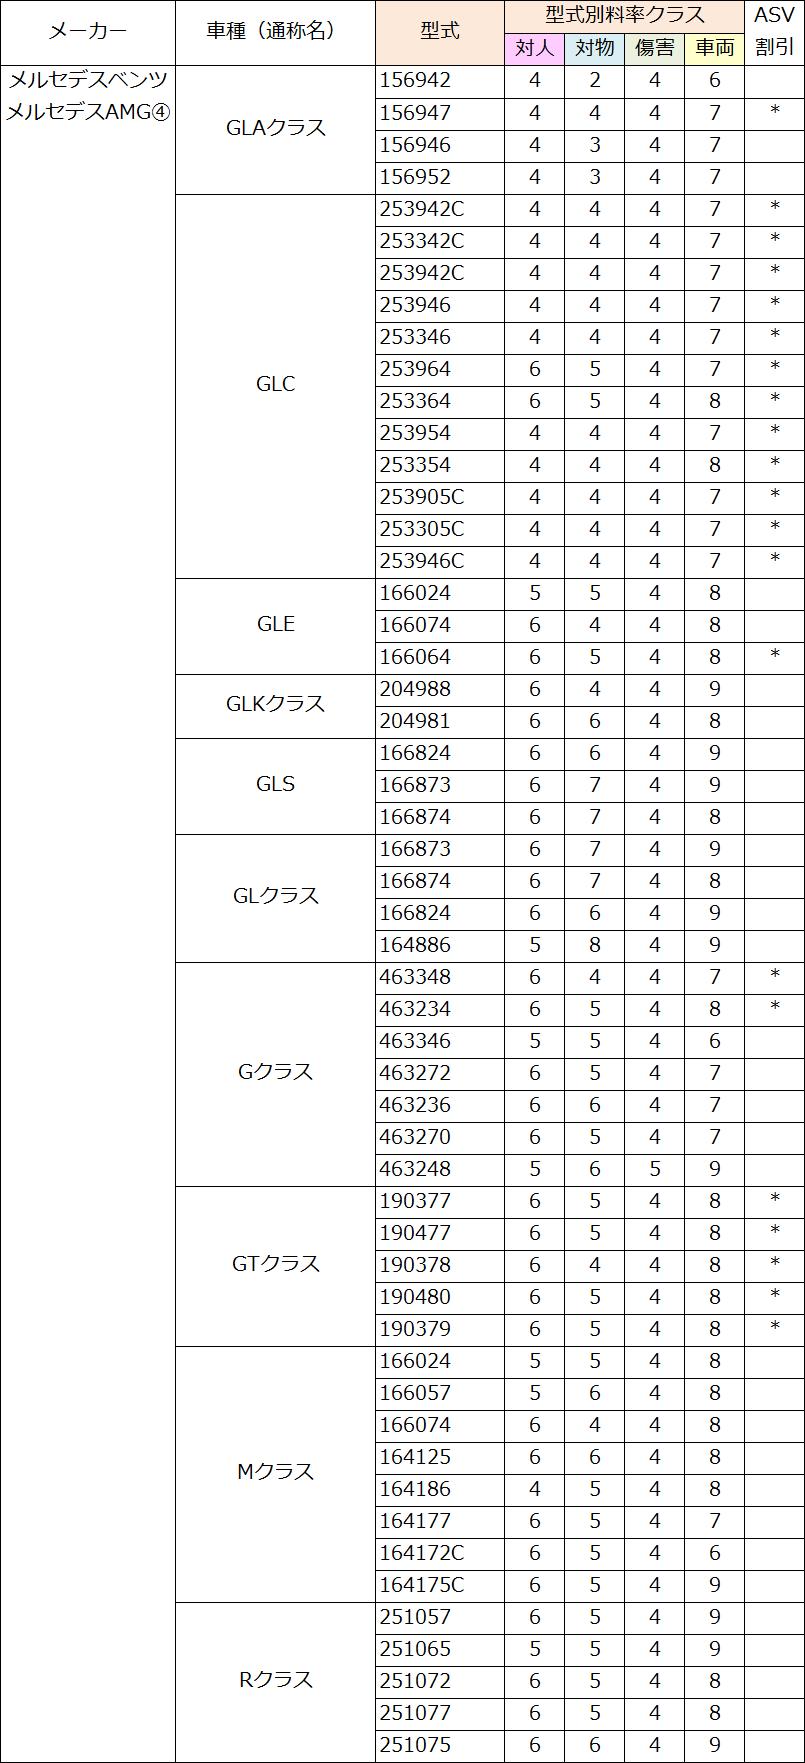 メルセデス・ベンツ(GLA・GLC・GLK・GLS・GL・G・GT・M・R)の料率クラス